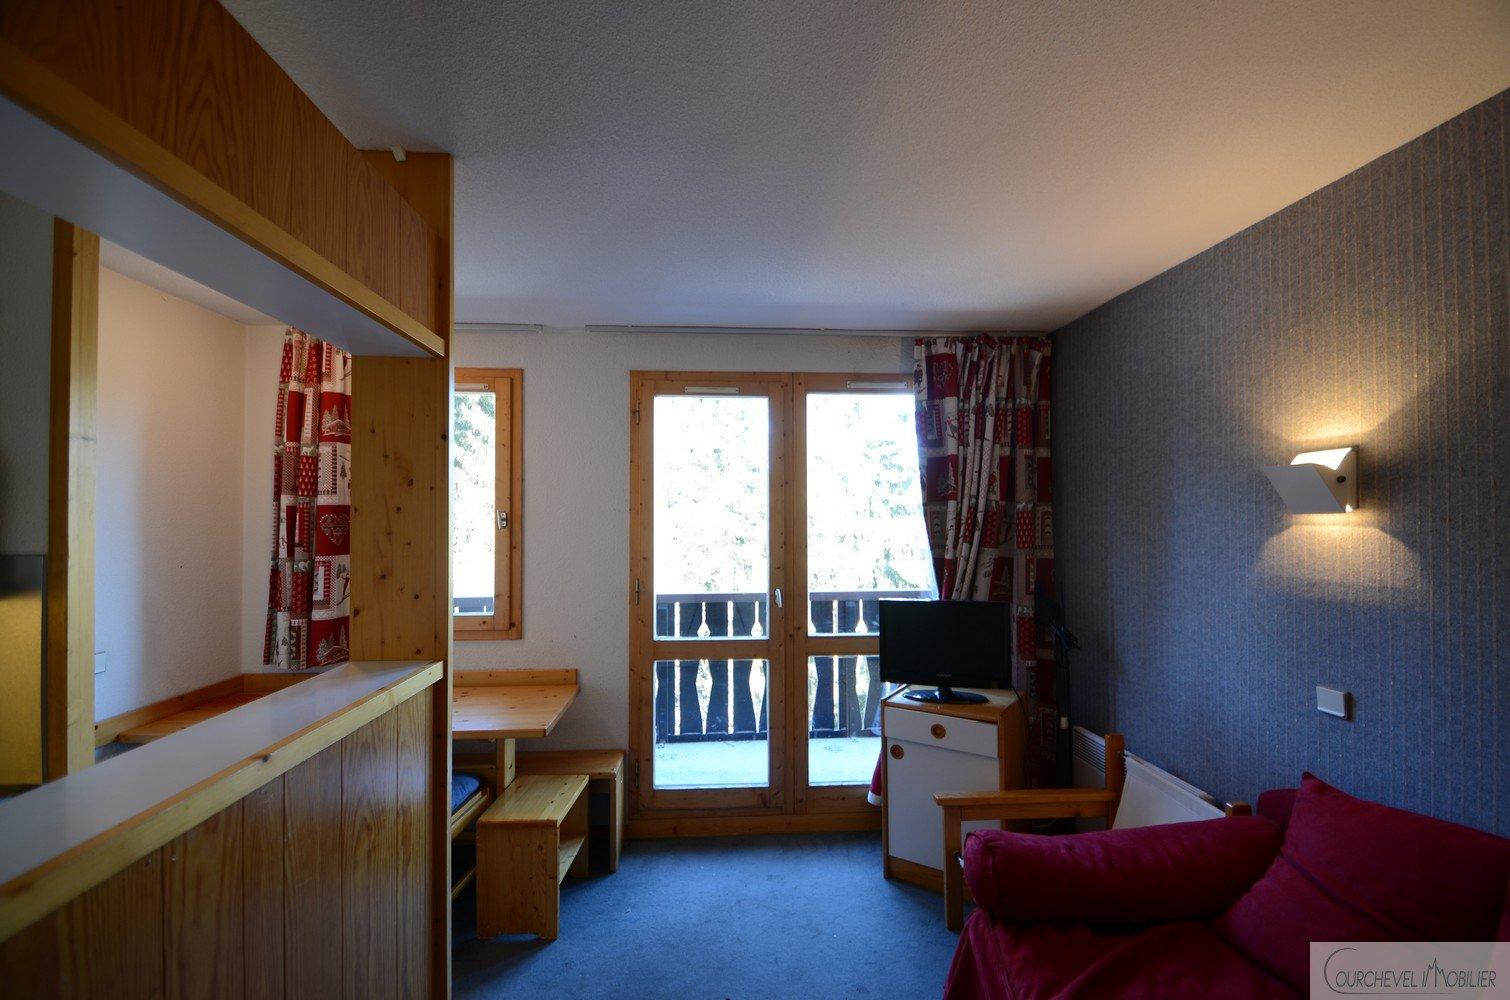 Verkoop Appartement - Courchevel Village 1550